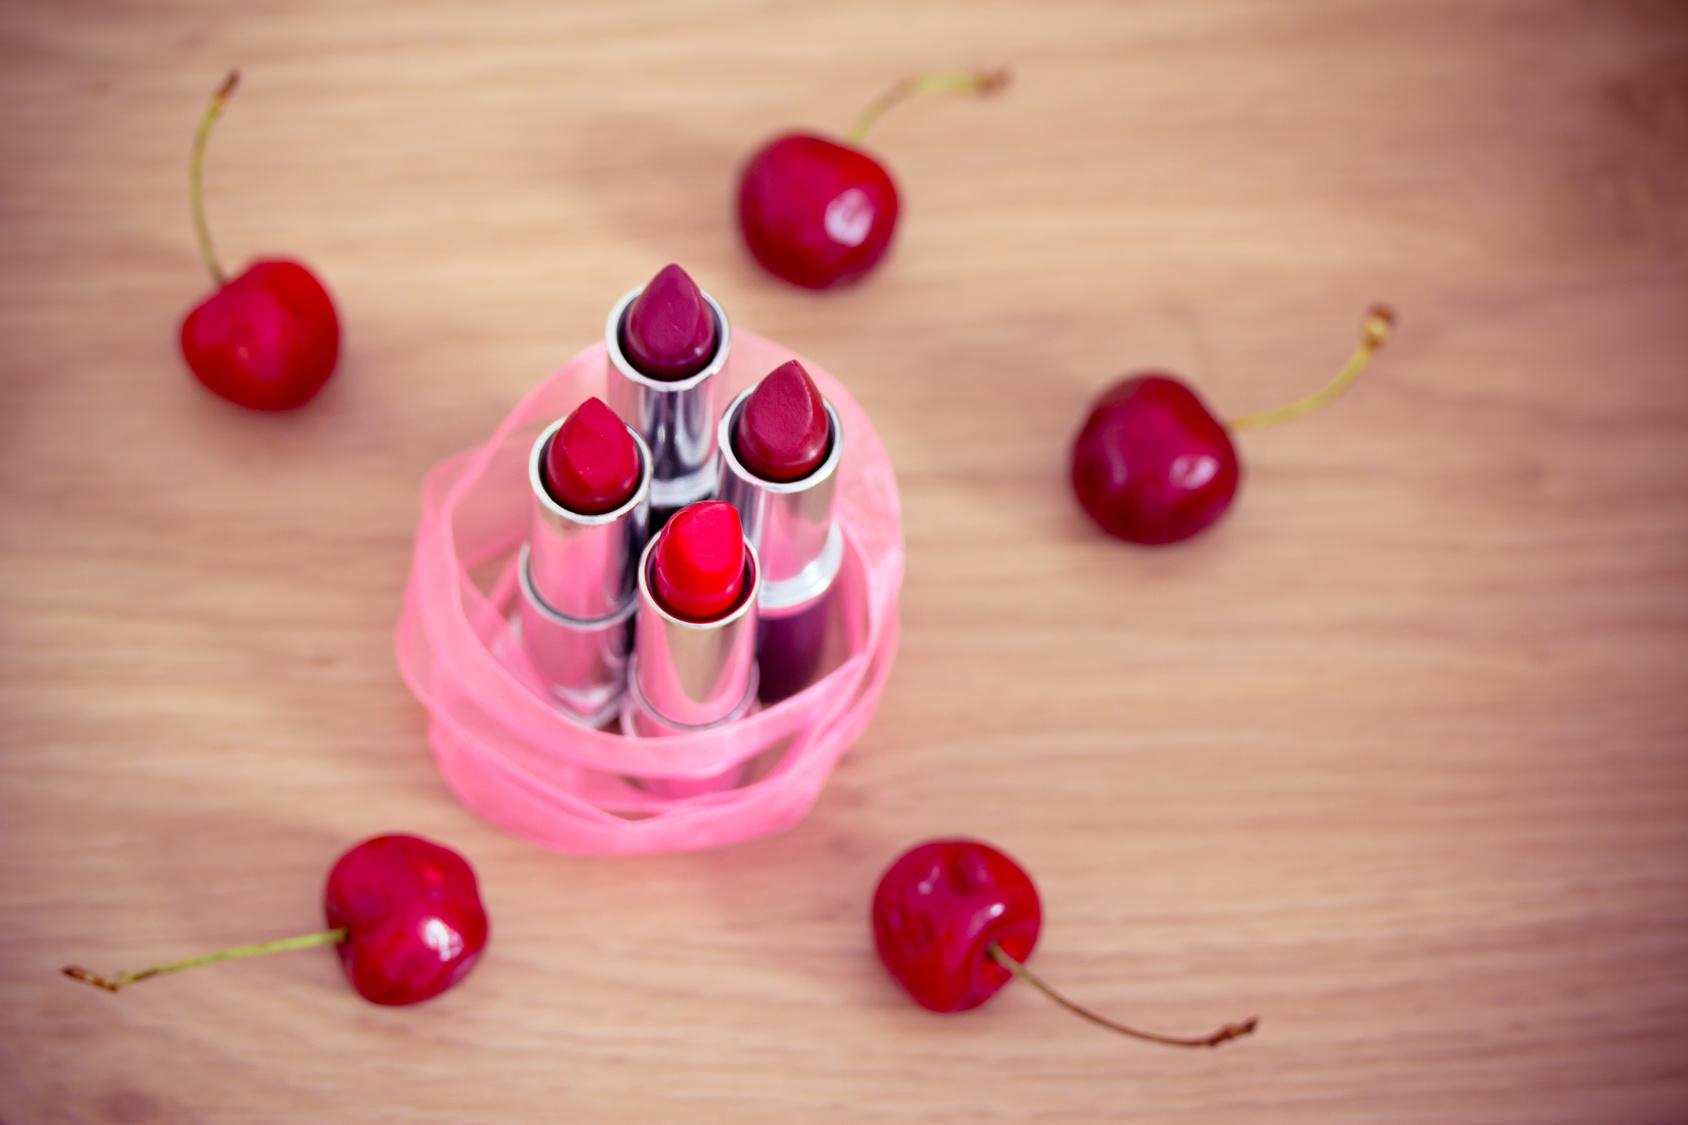 Rouges à lèvres bio : La beauté jusqu'au bout des lèvres !